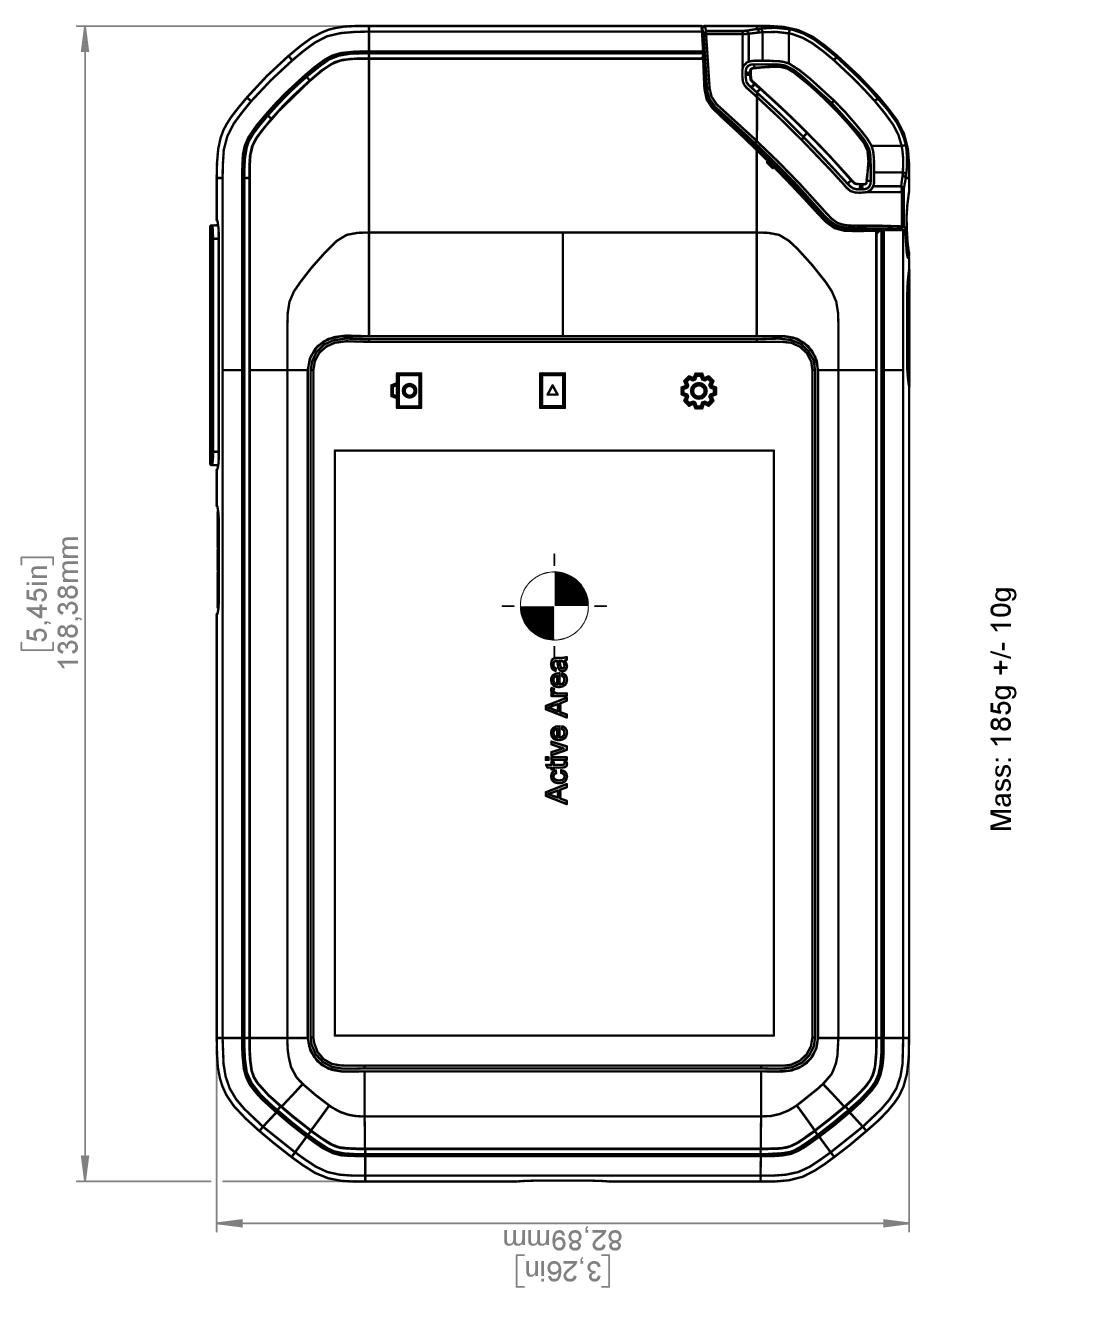 FLIR C5: Dimensioni